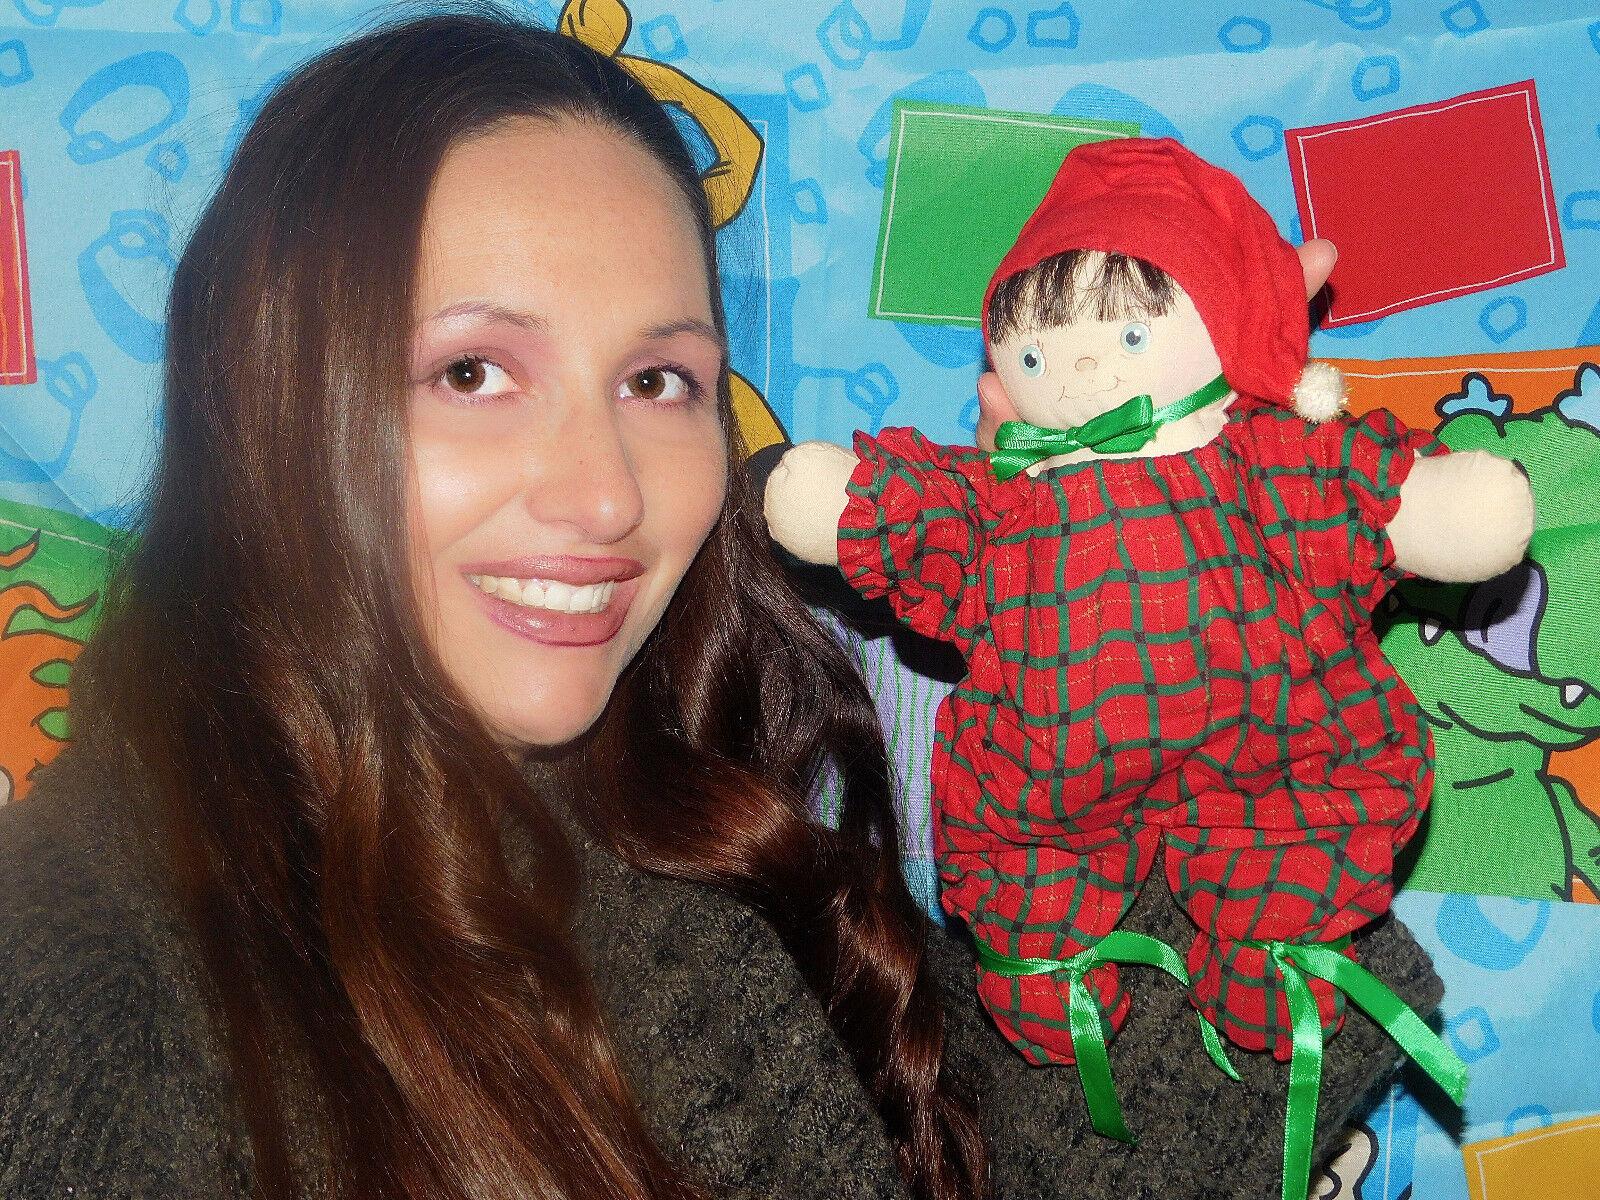 Uno de una clase de tela Bebé Muñeca por Jan Shackelford 10 1 2  largo firmado Raro Bebé Cabello Castaño